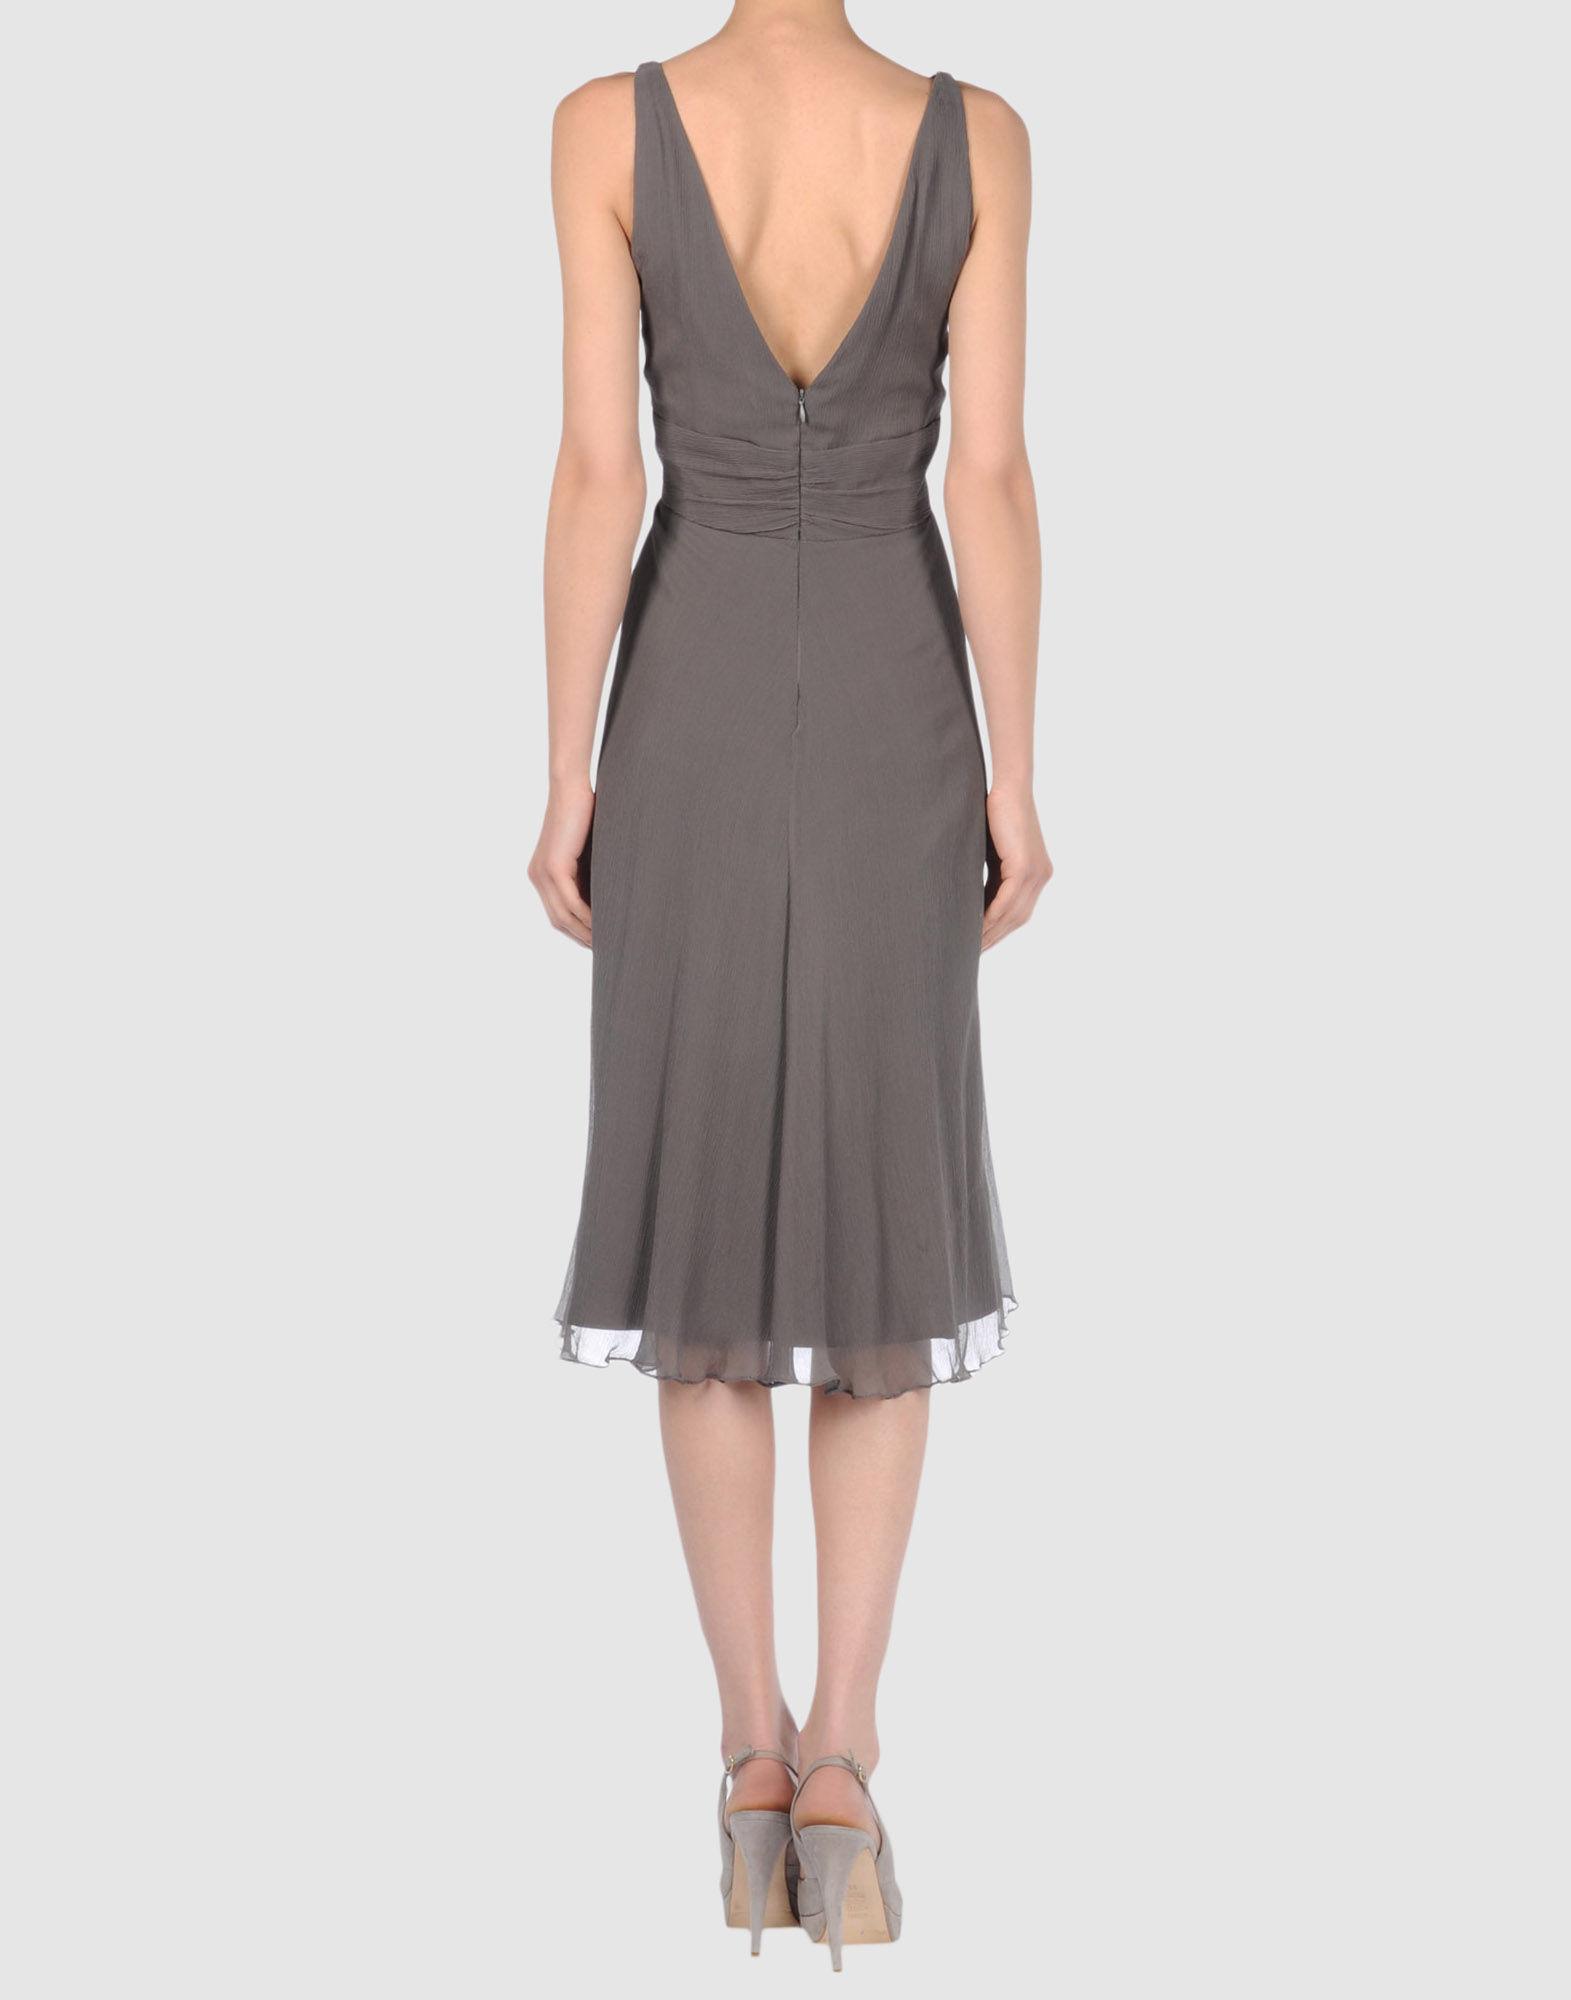 Βραδυνα Φορεματα Max Mara 2012 Κωδ.21  bc5dc9d6188